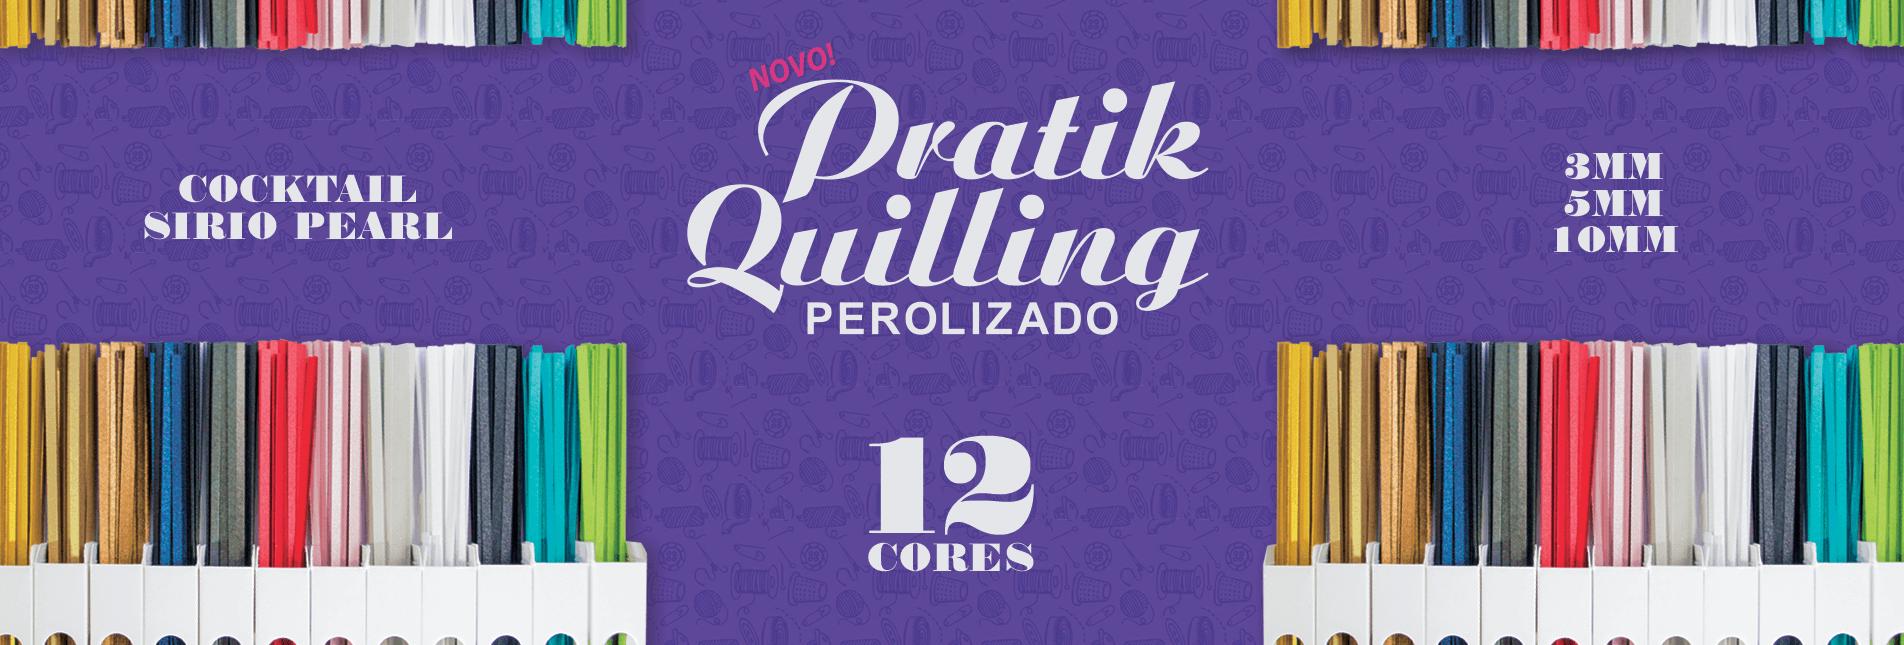 Quilling Perolizado